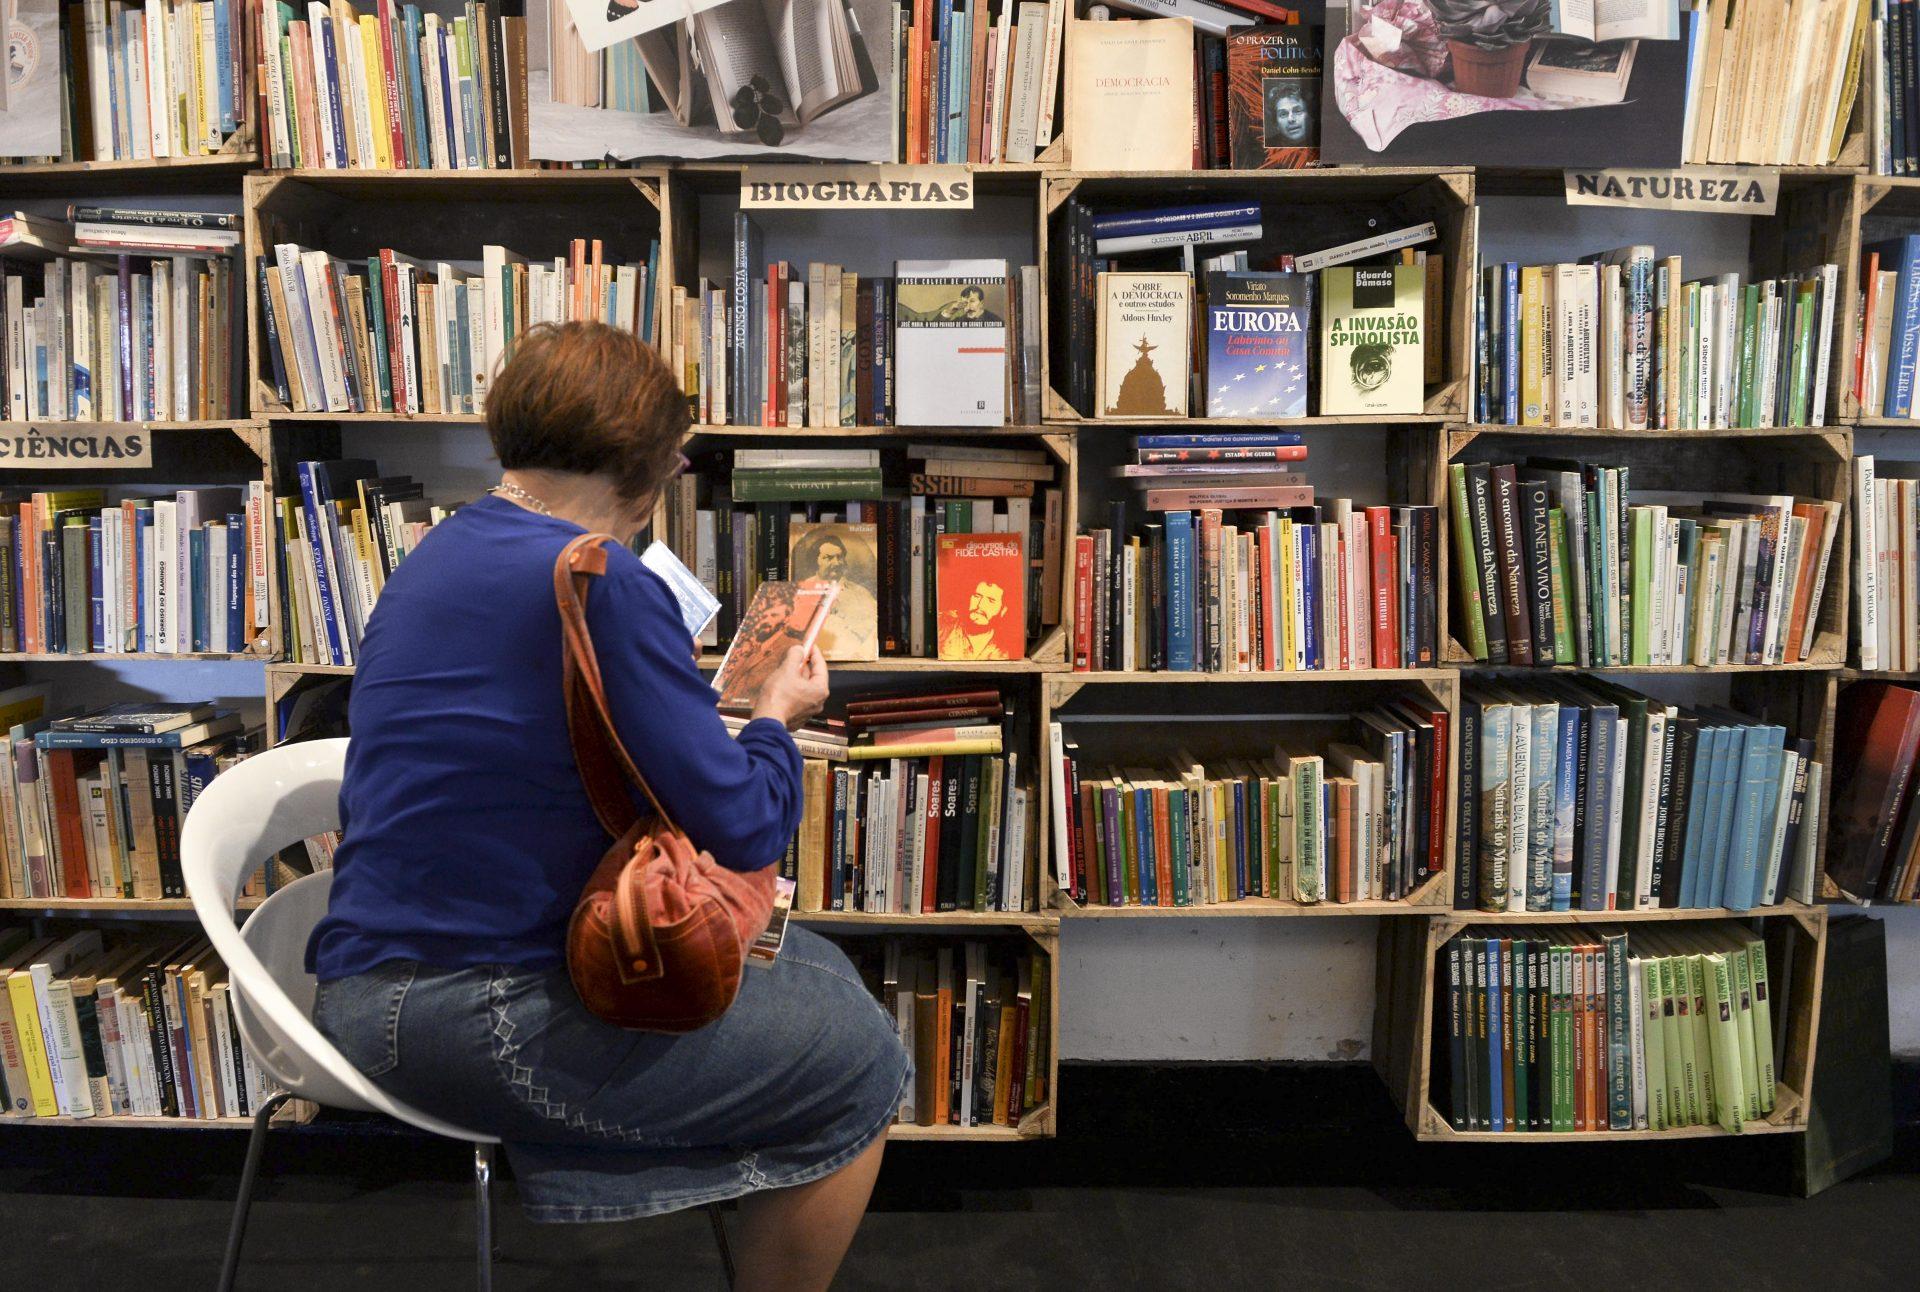 """Uma visitante do Folio – Festival Internacional de Literatura de Óbidos observa livros no mercado transformado em alfarrabista generalista, onde os livros estão guardados em """"mil caixas de fruta, colocadas nas paredes do edifício"""", Óbidos, 15 de outubro de 2015. Começou hoje o """"Folio"""" Festival Internacional de Literatura de Óbidos, onde vários espaços são transformados em livrarias. CARLOS BARROSO/LUSA"""